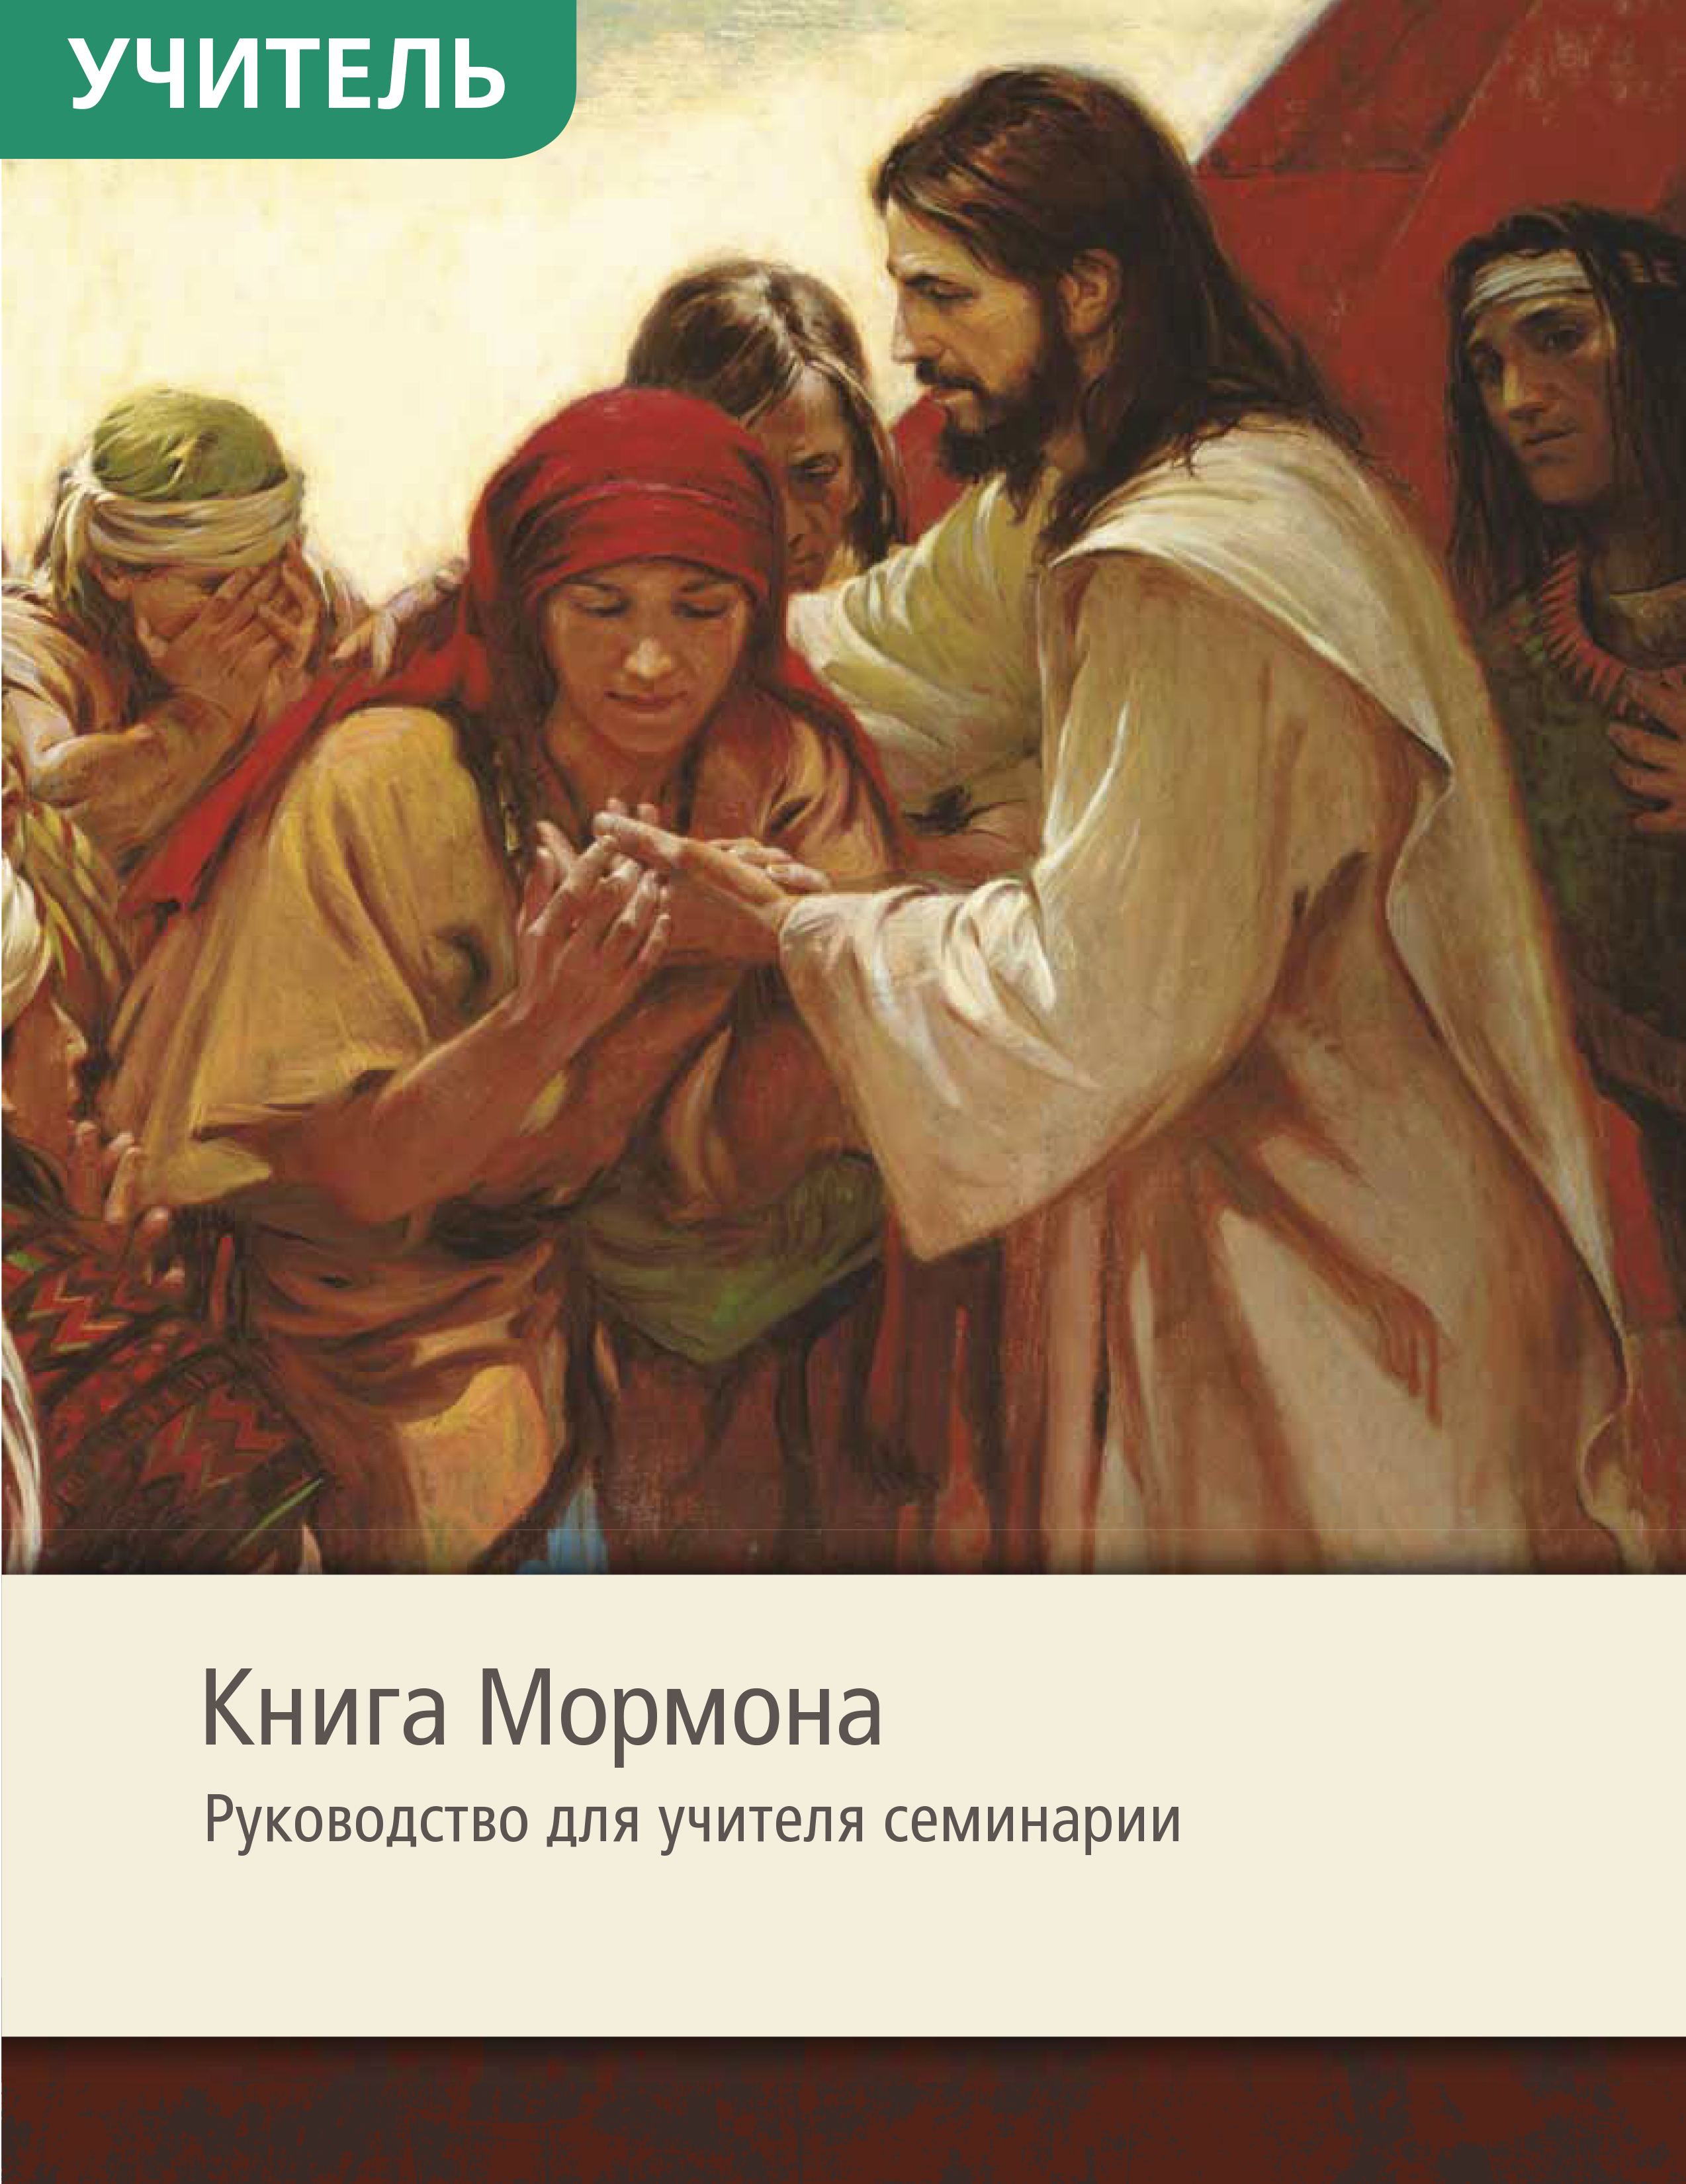 Книга Мормона. Руководство для учителя семинарии